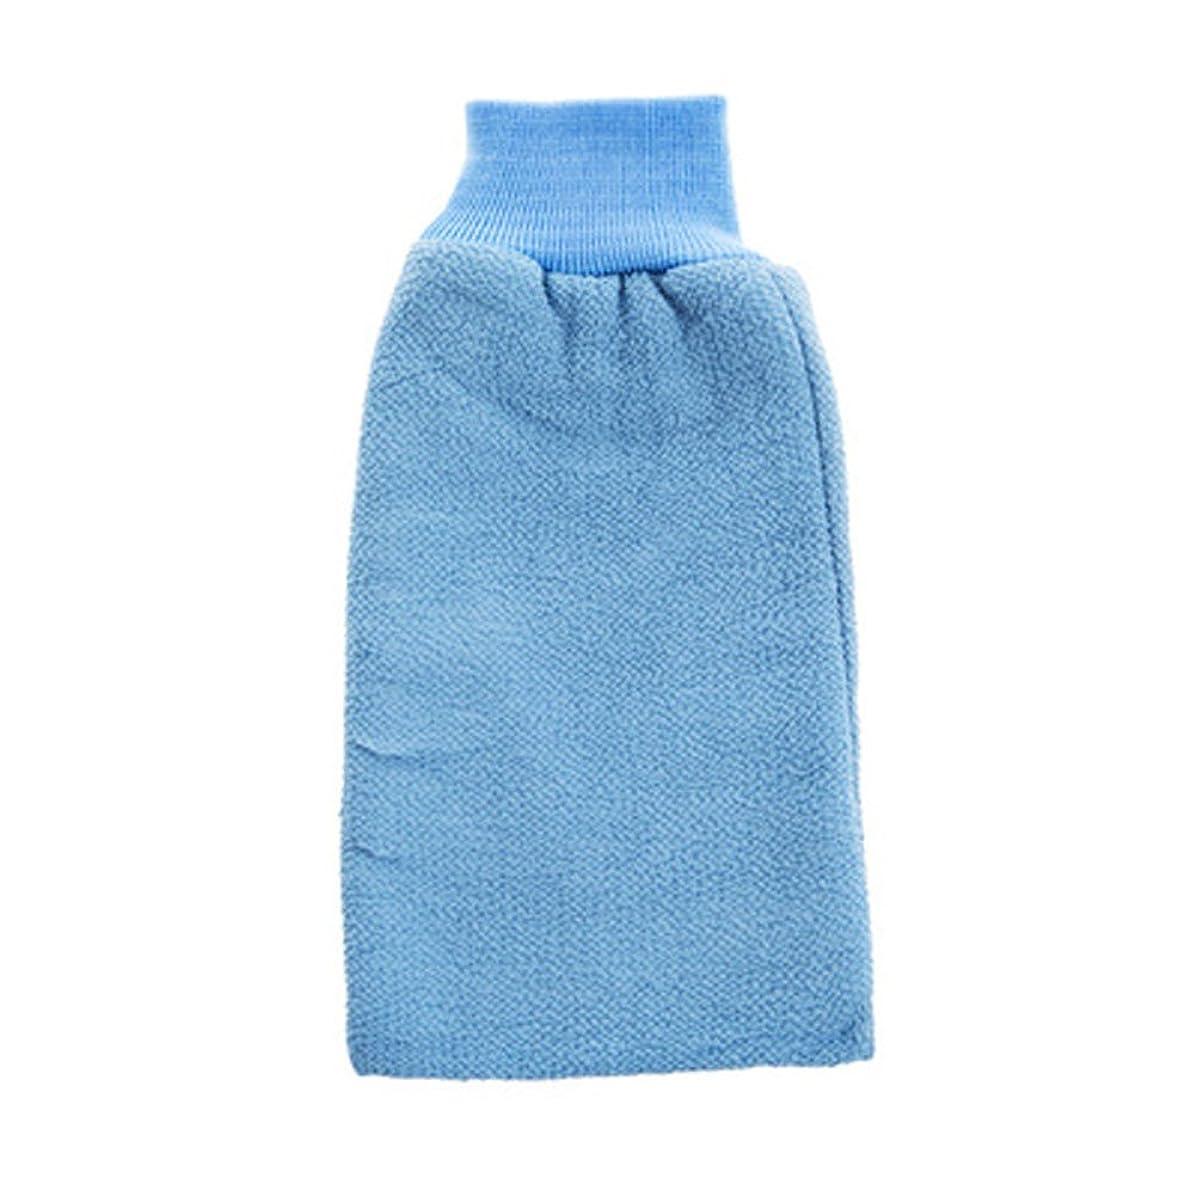 葉を拾う歴史的今までボディエクスフォリエイティングミットバスブラシシャワーグローブバス手袋 - ブルー